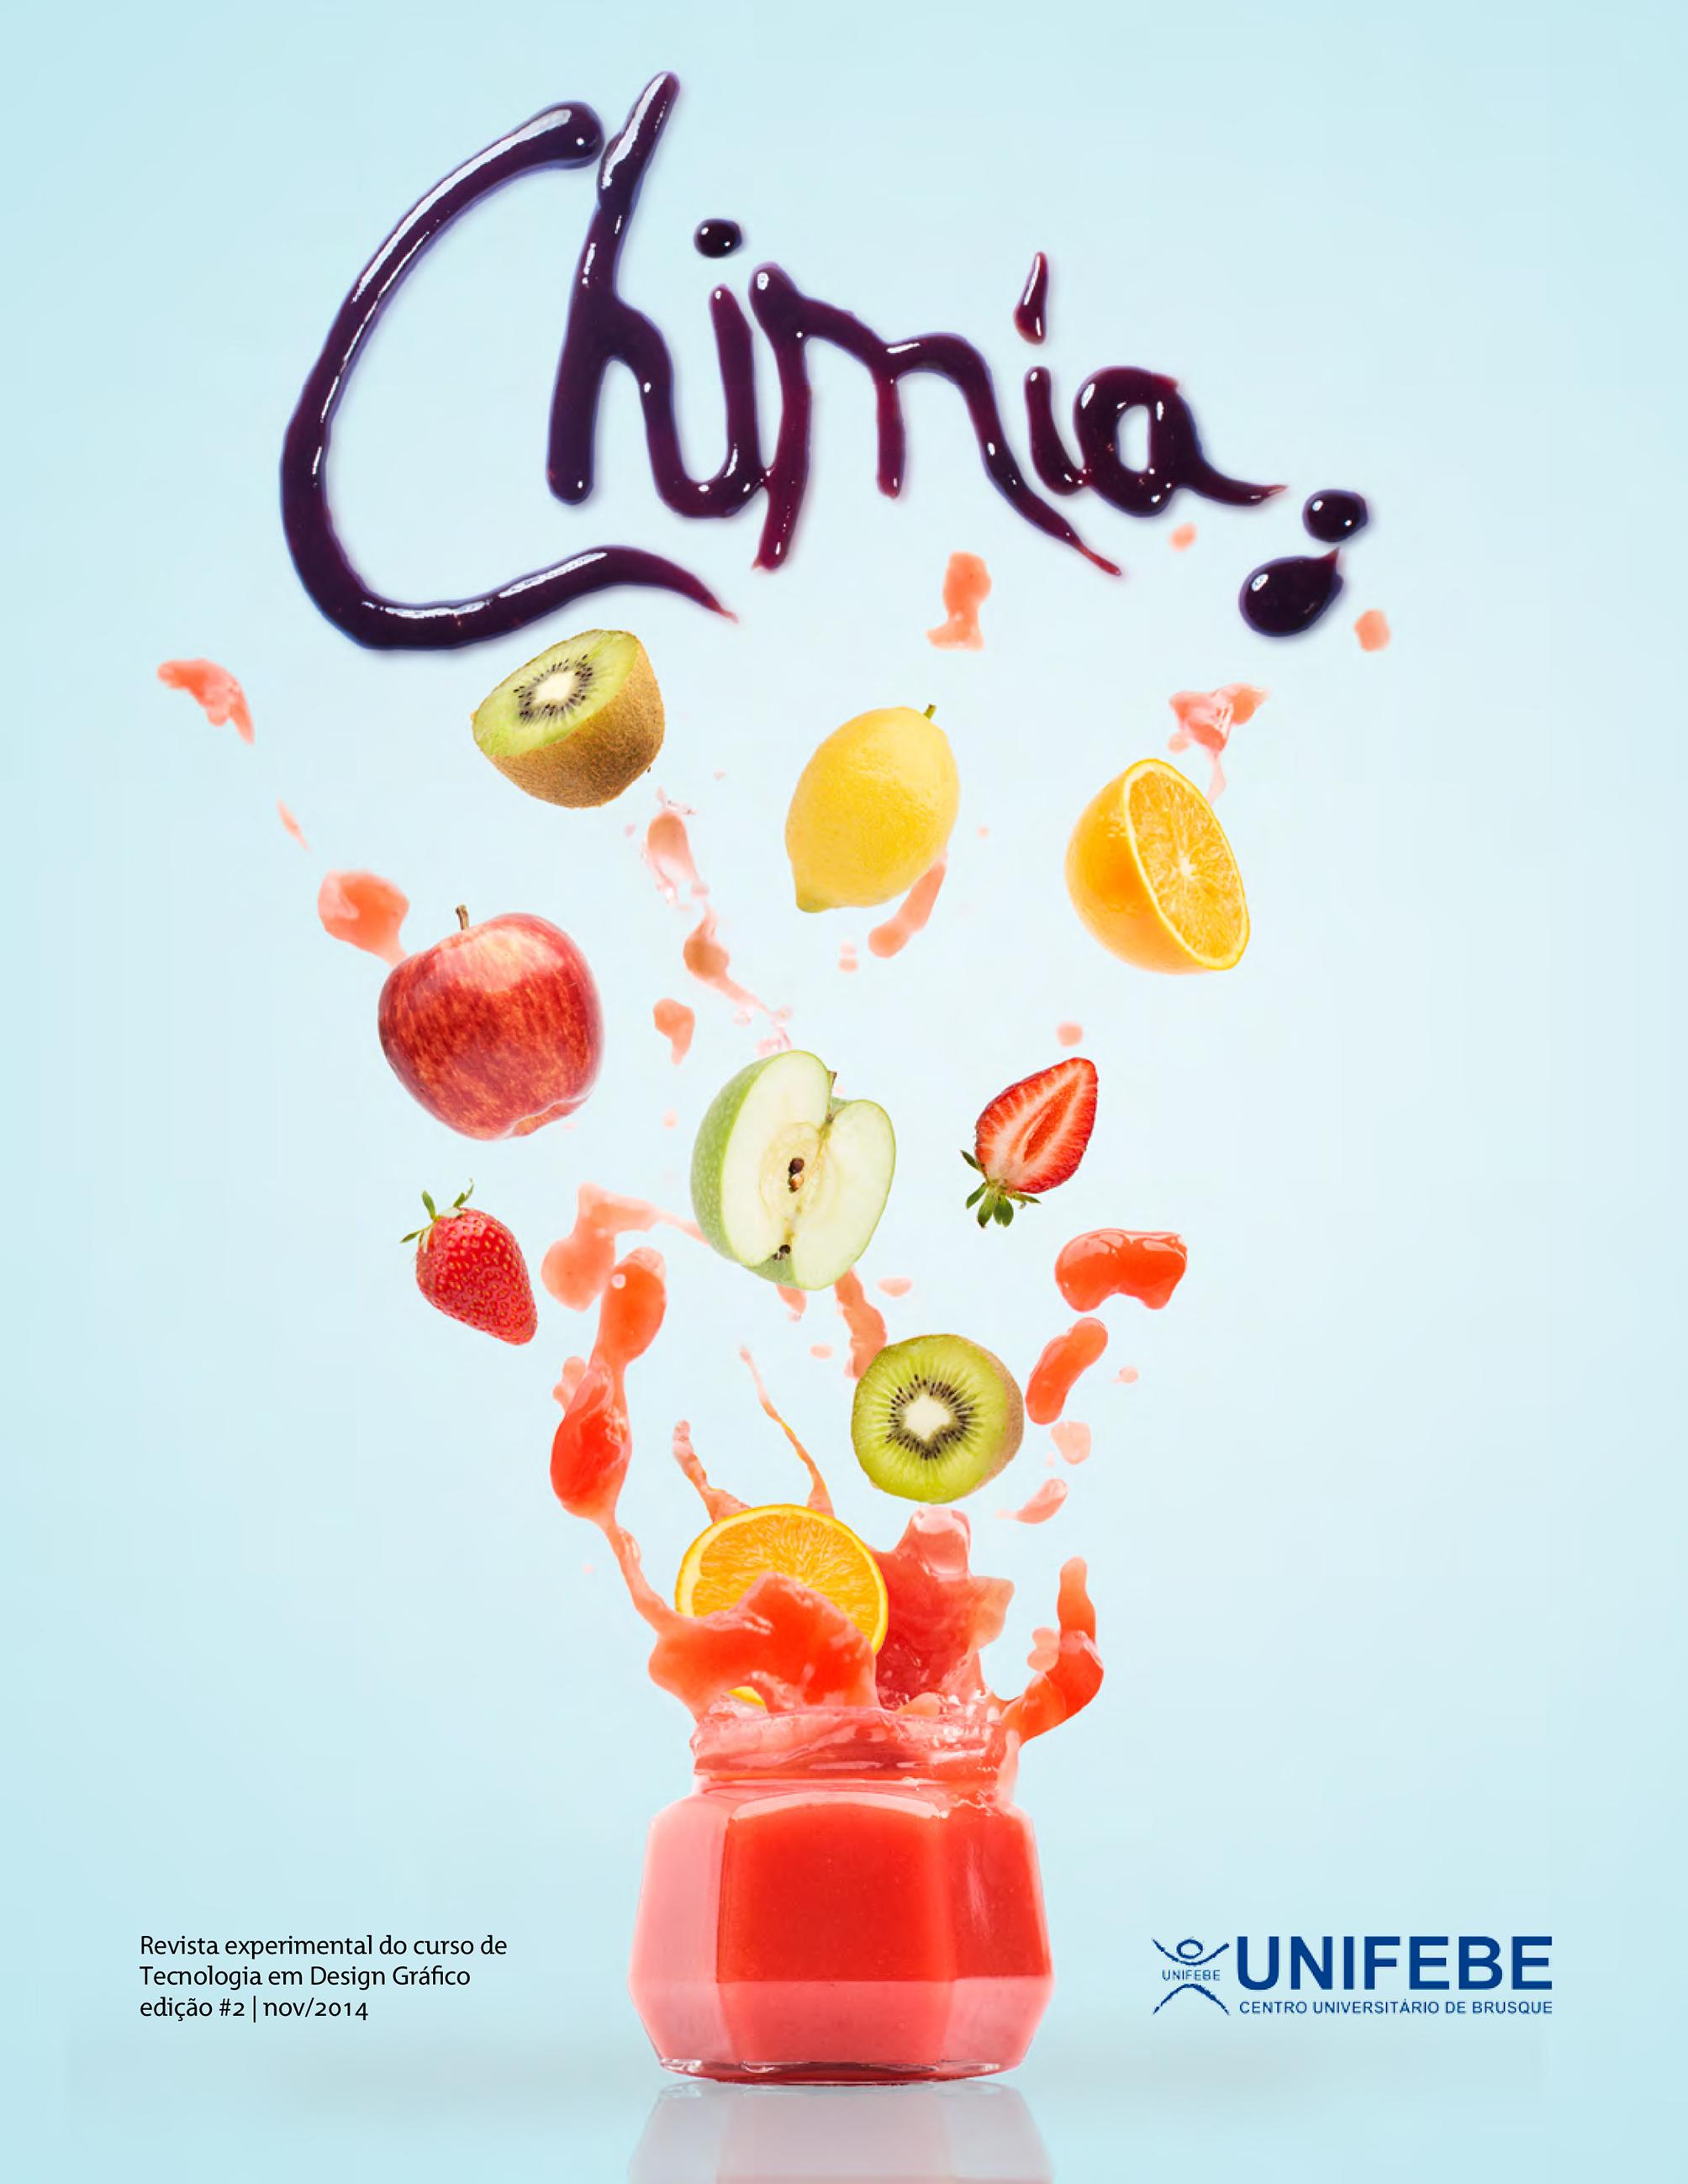 revista-chimia-nº-02-2014-design-grafico-unifebe